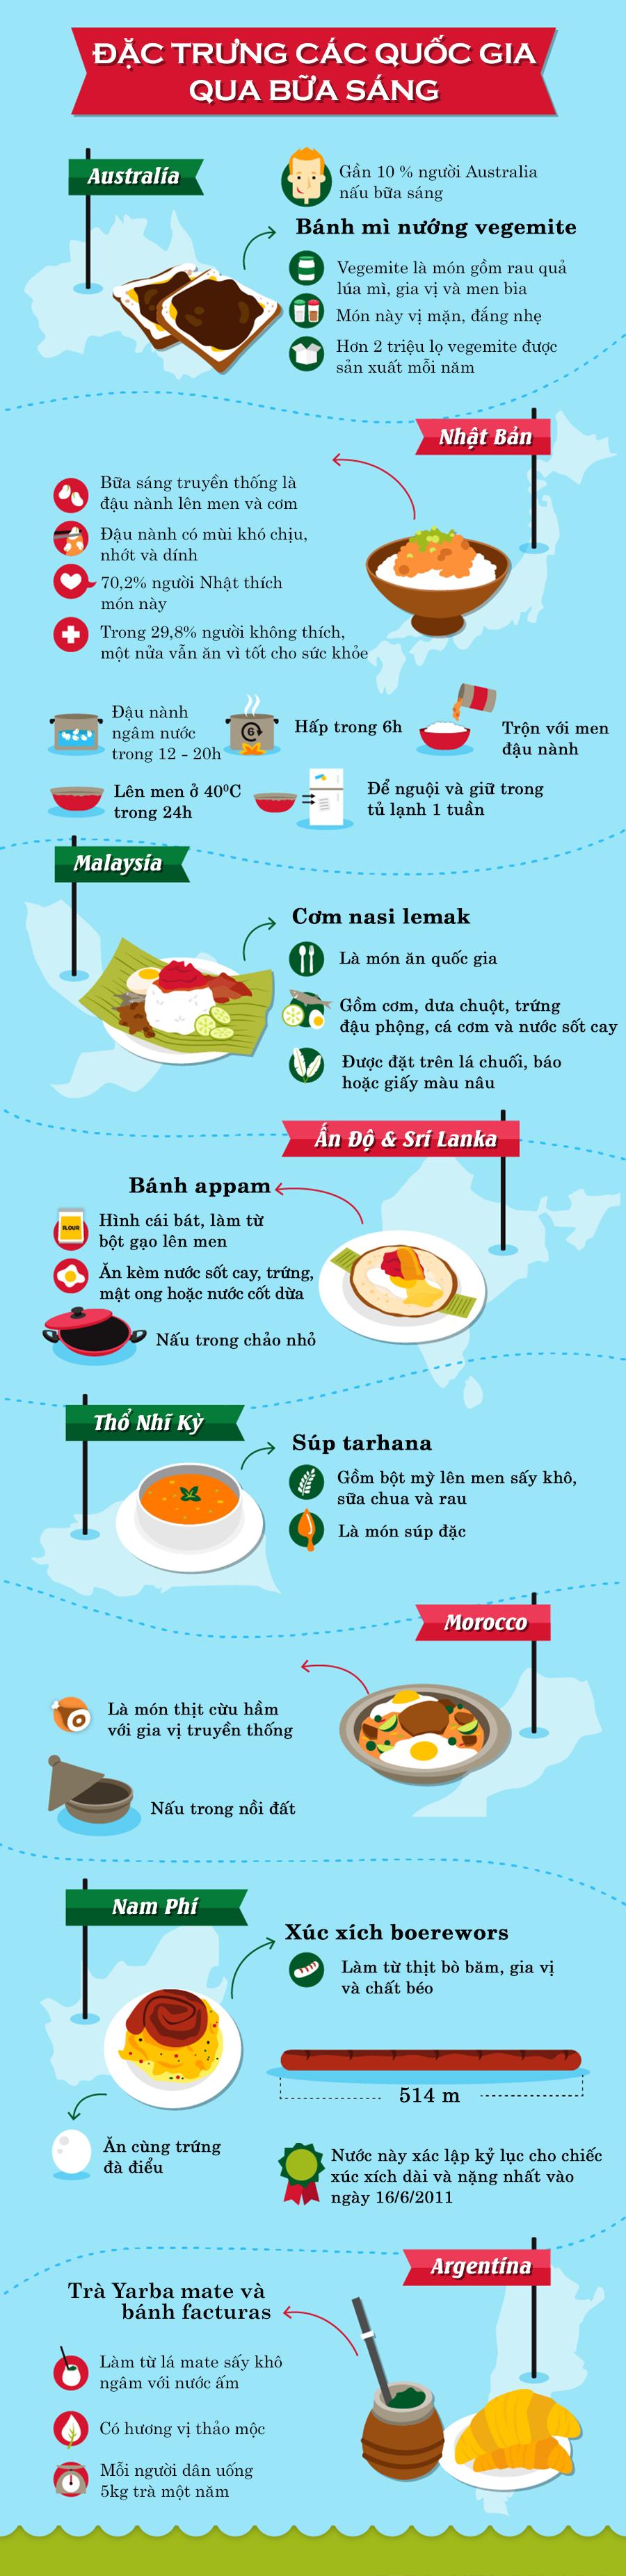 Đặc trưng các quốc gia qua bữa sáng